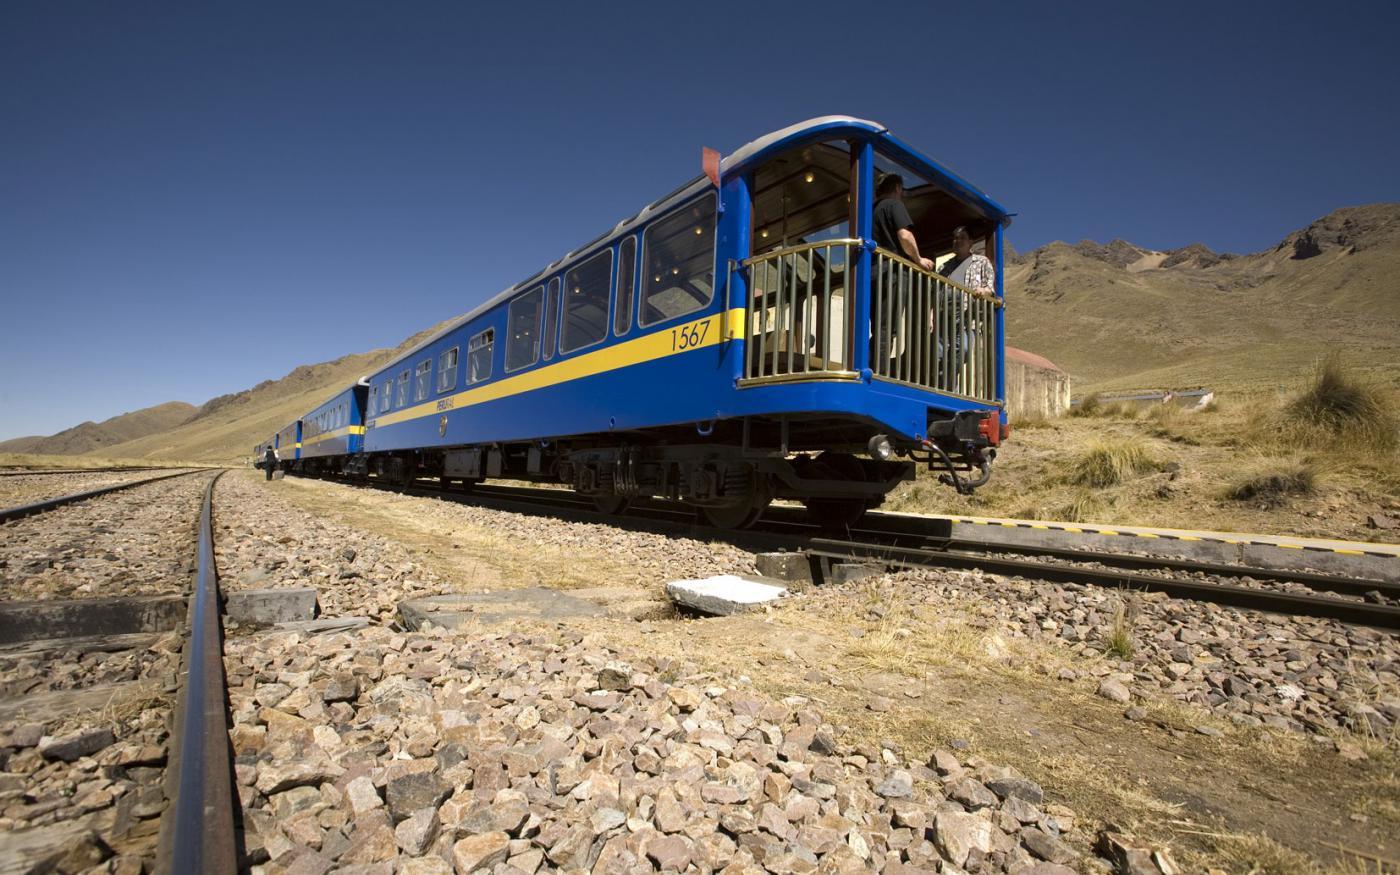 Eerste toeristische trein op zonne-energie naar Peru